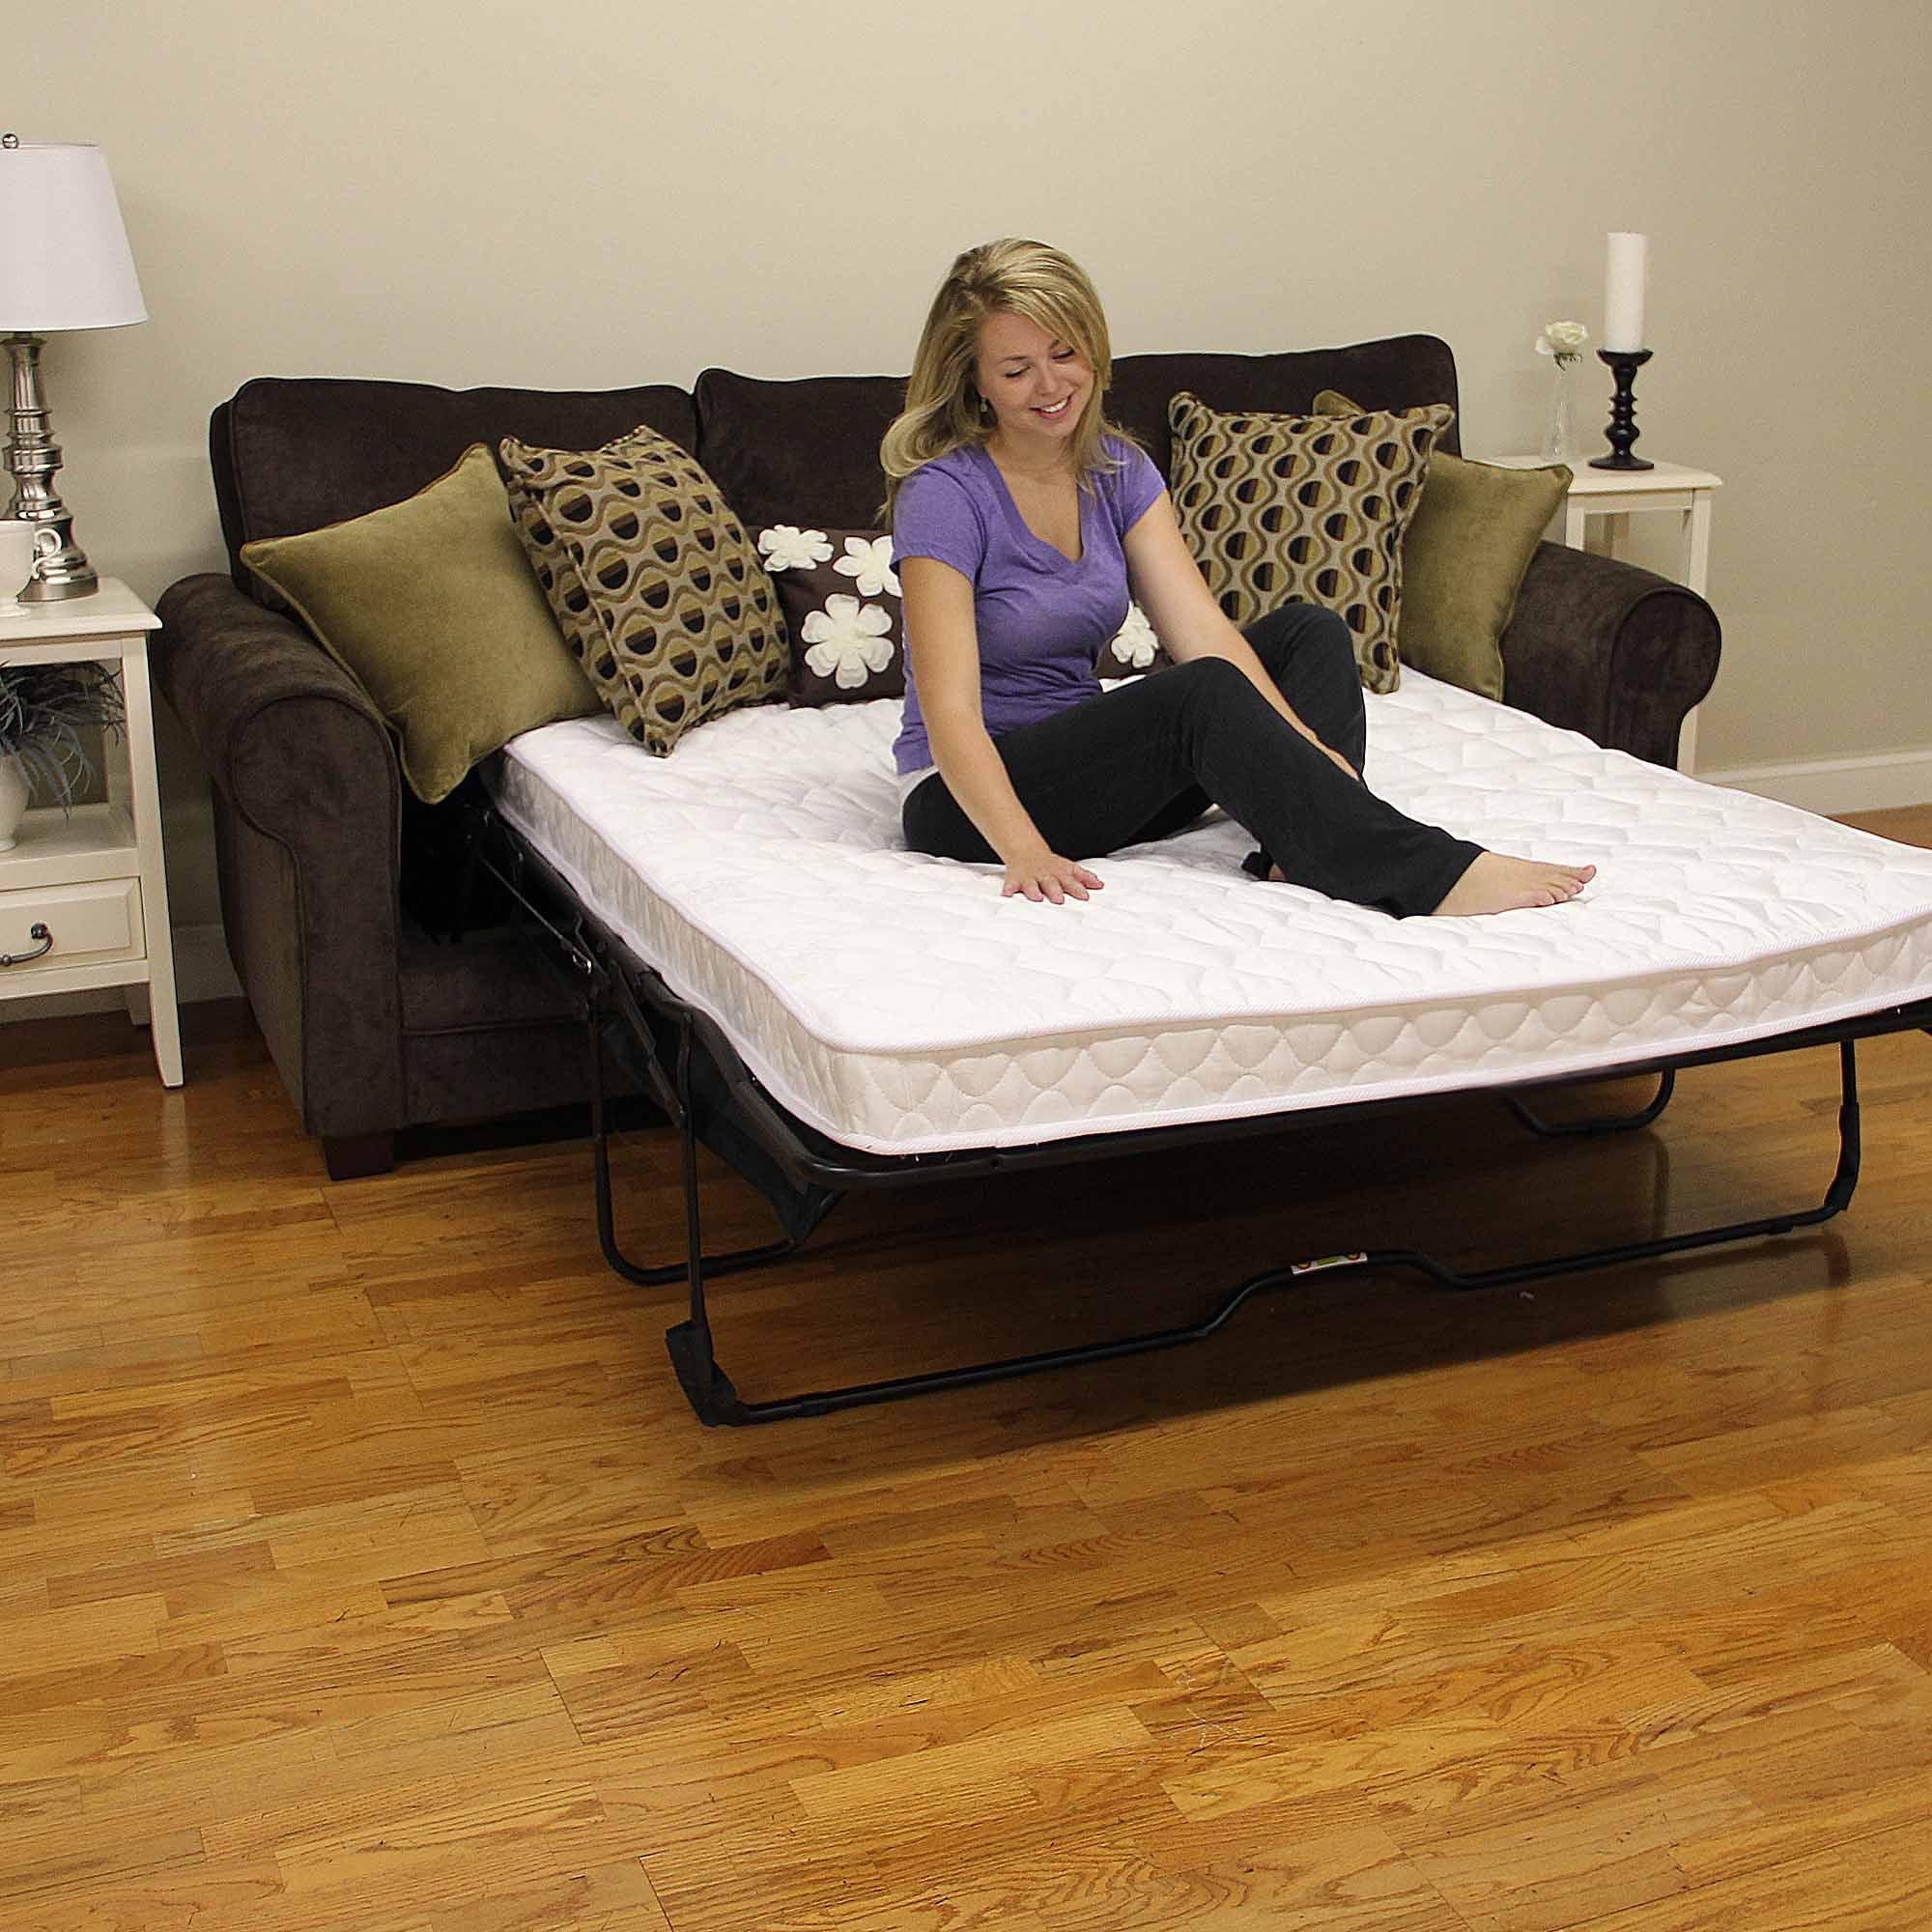 Queen Sofa Bed Mattress Size Functionalities Net ~ Sleeper Sofa Mattress Sizes